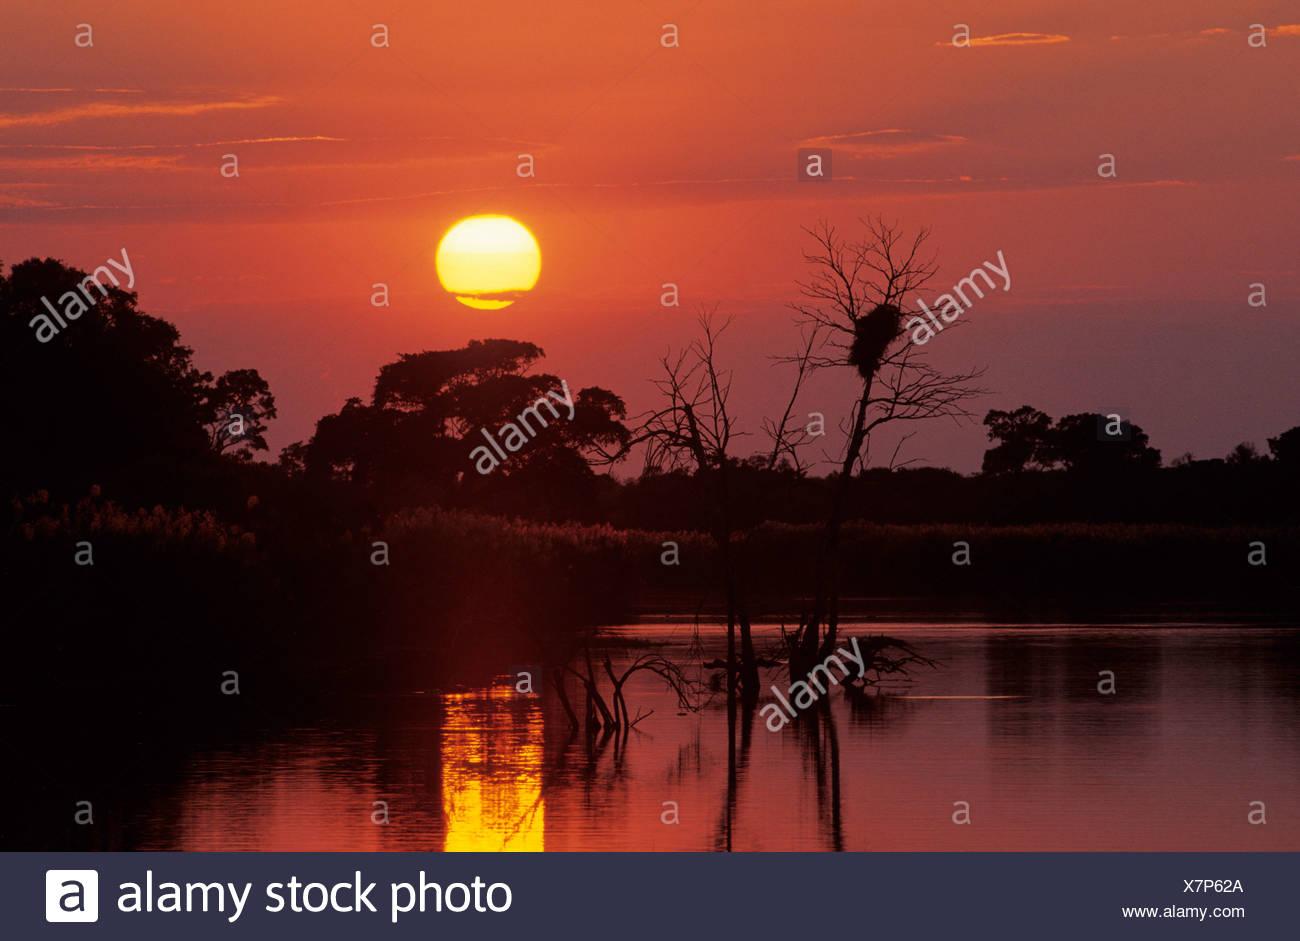 Sabie River at sunset, Kruger National Park, South Africa - Stock Image